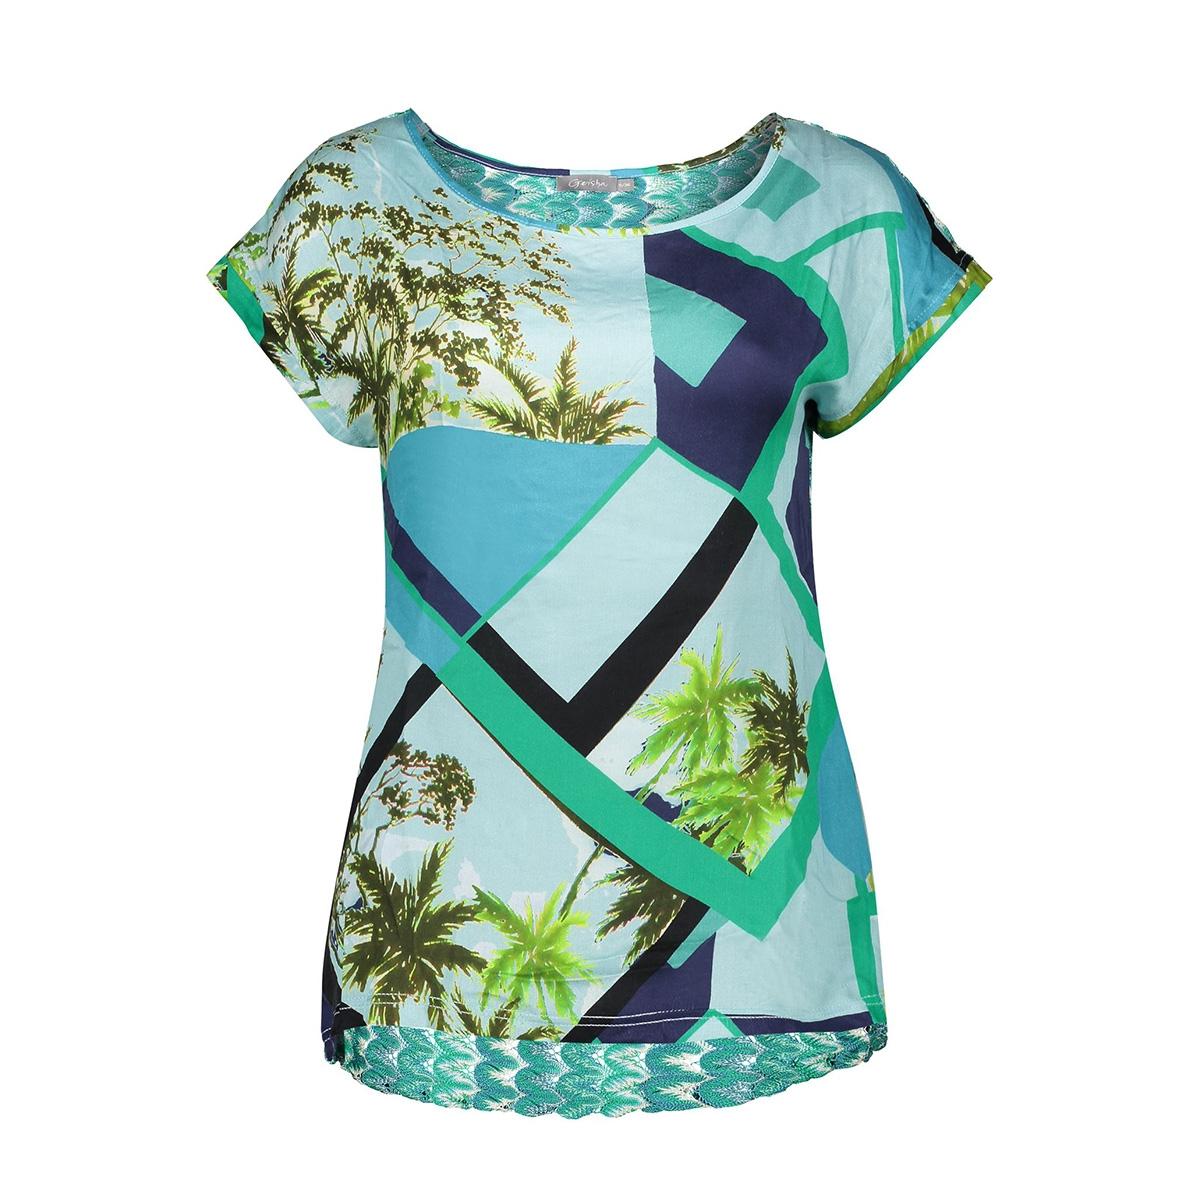 top raschel lace at back ss 03270 20 geisha t-shirt aqua combi